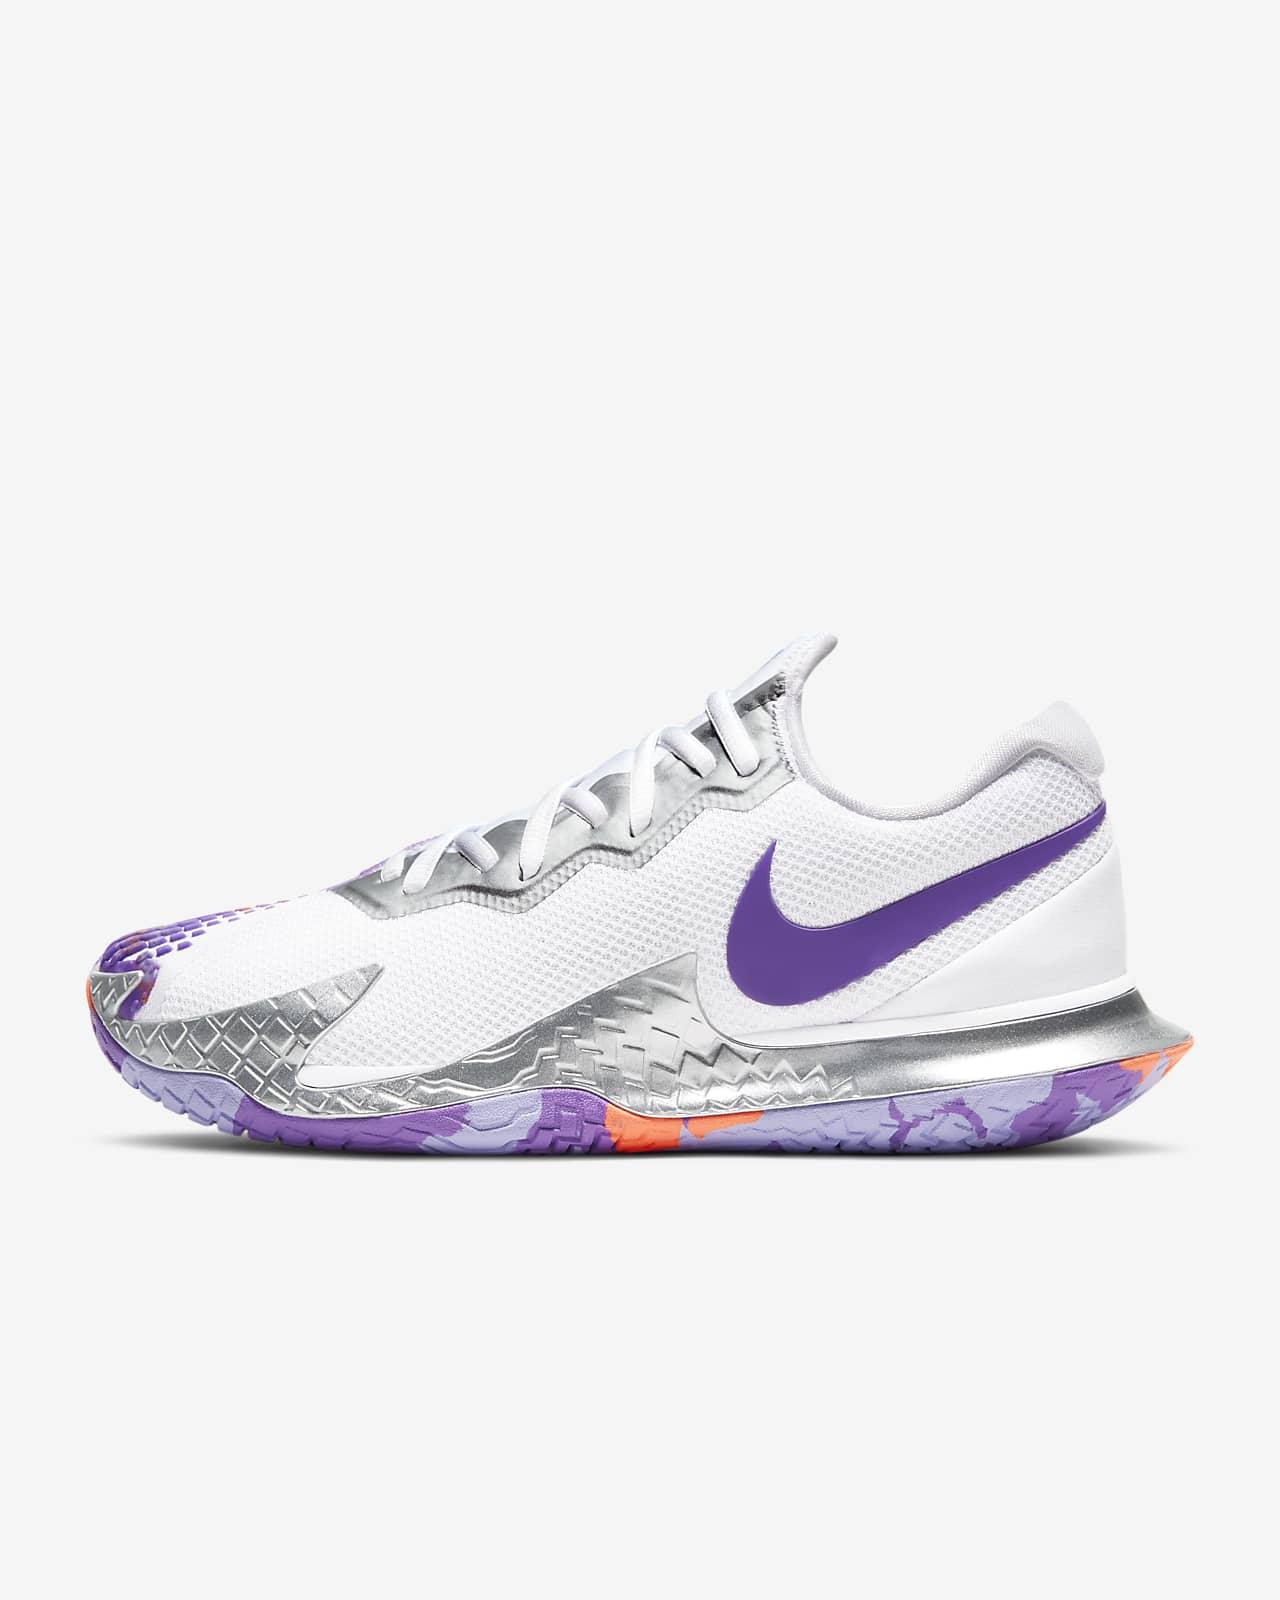 Dámská tenisová bota NikeCourt Air Zoom Vapor Cage 4 na tvrdý povrch